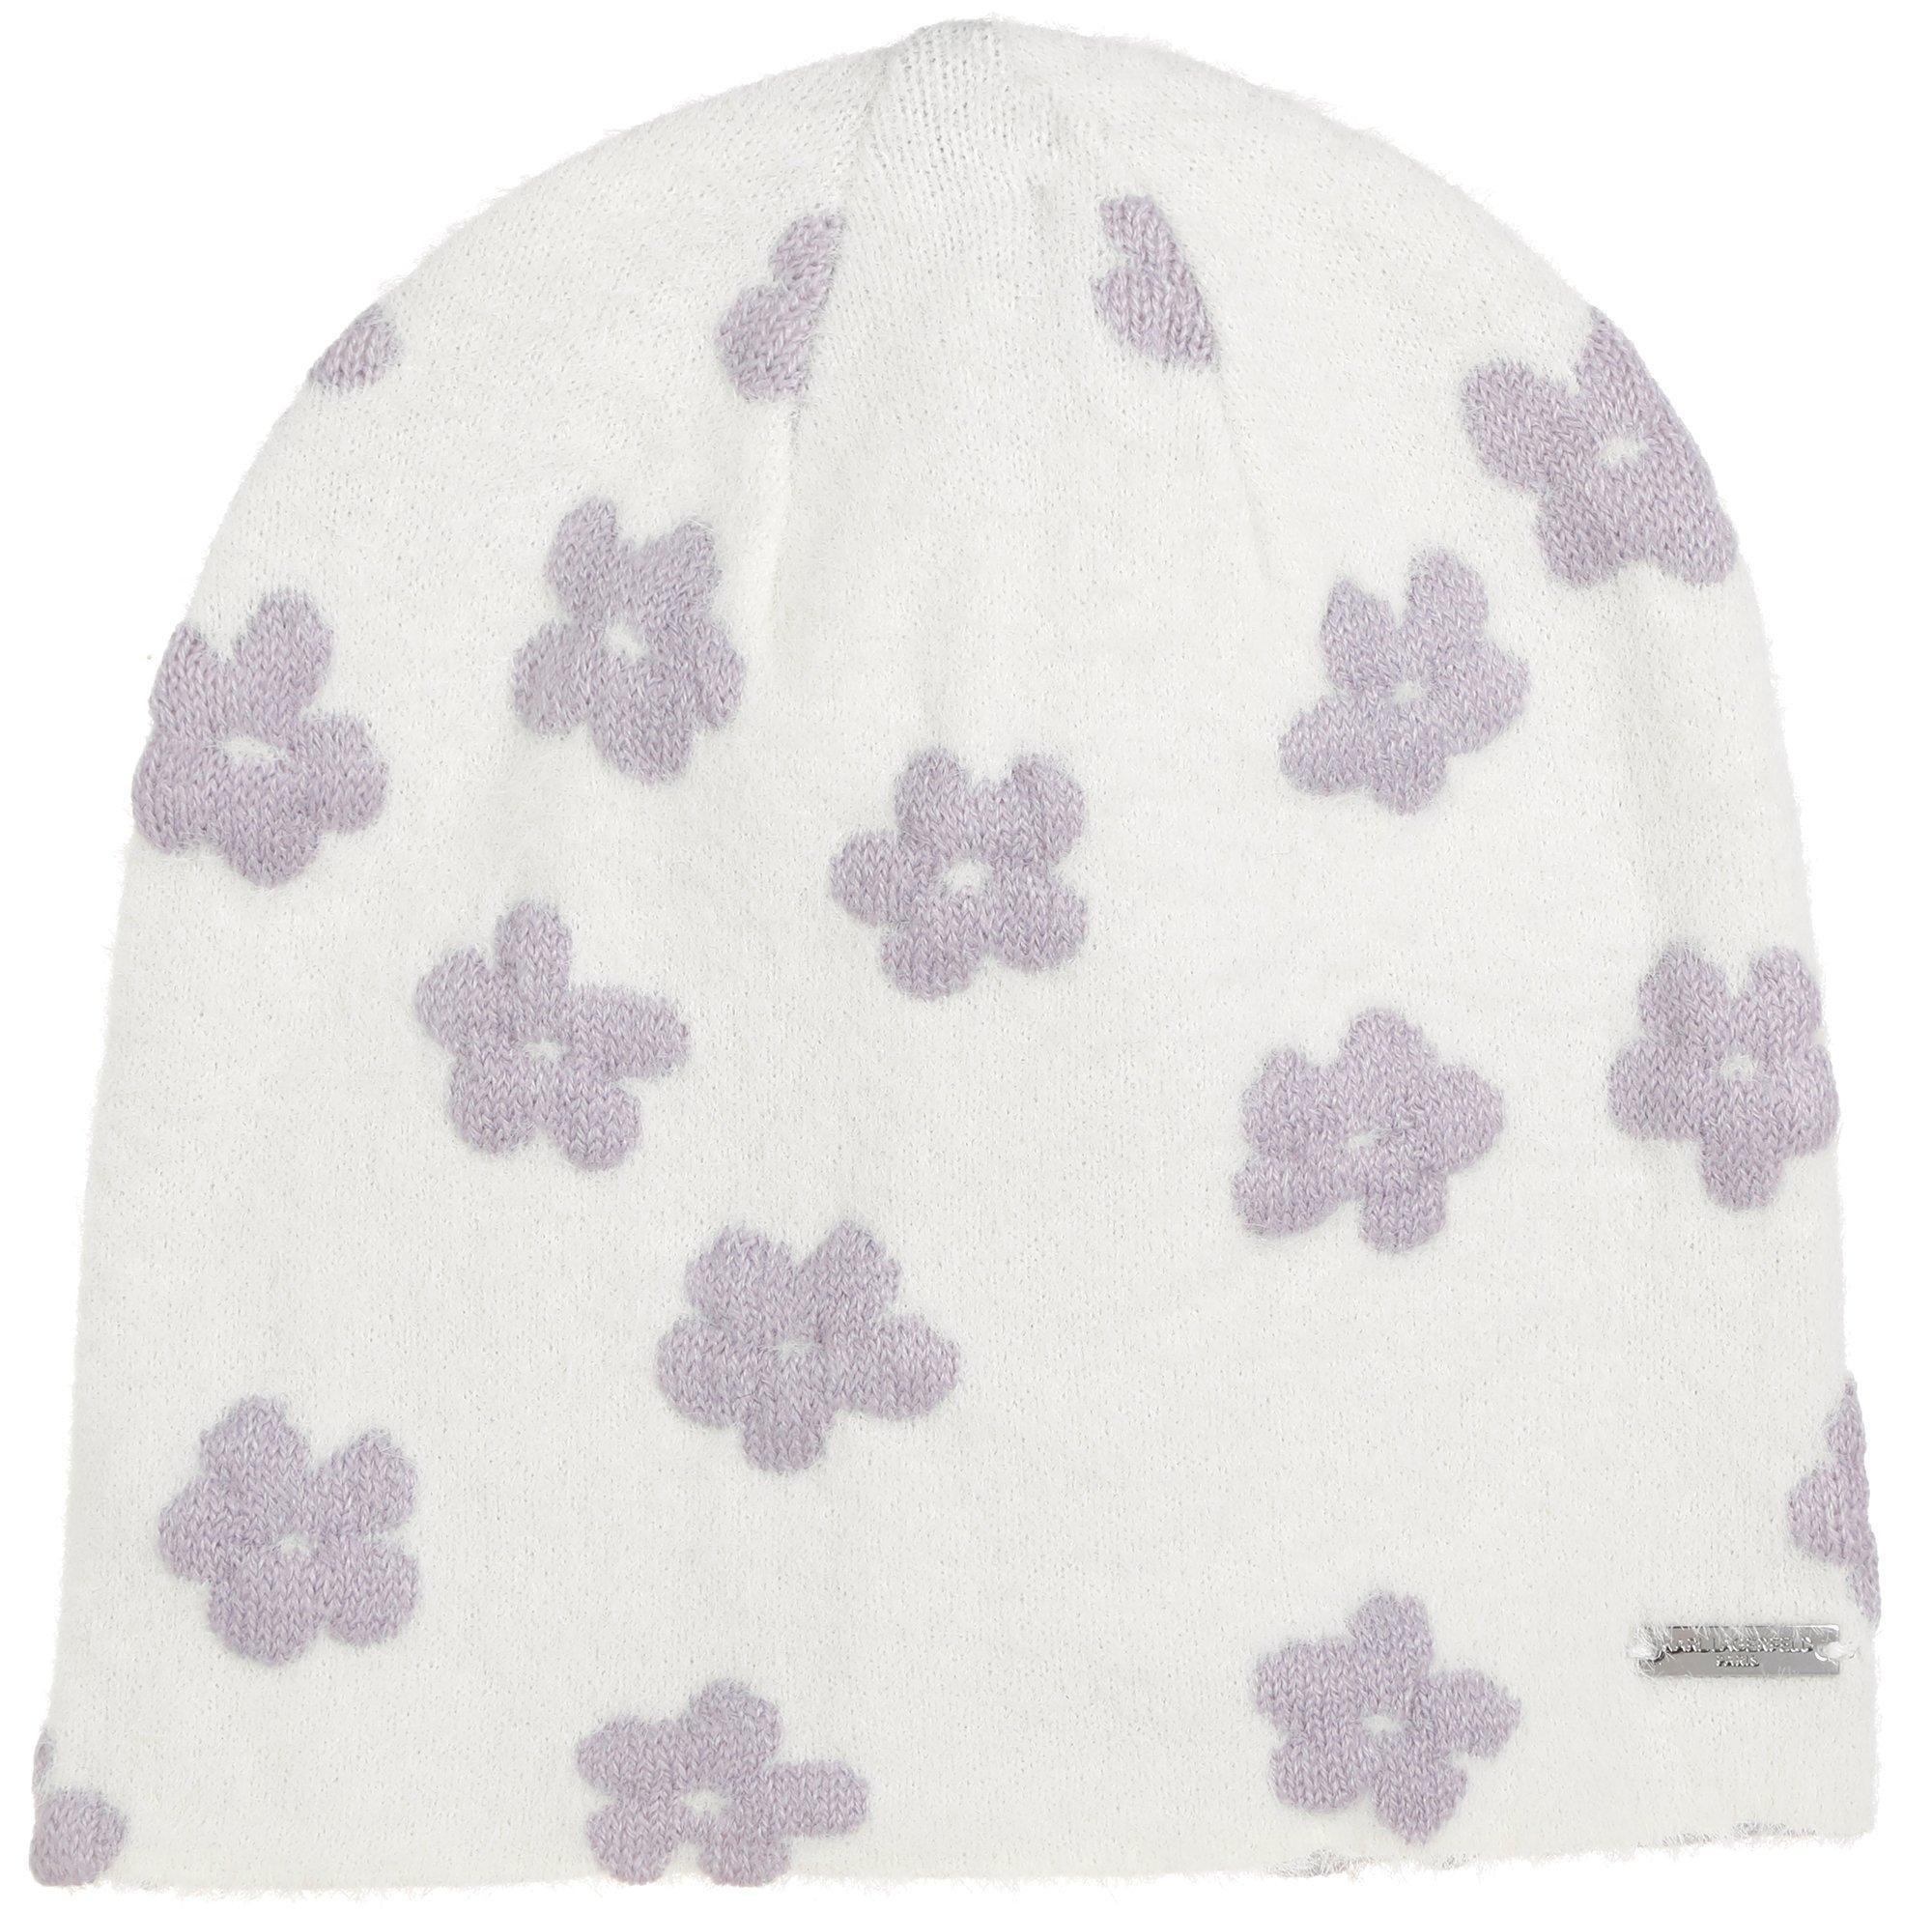 White Flower on Purple Pattern Beanie Chemo Beanie Chemo Hat Funky Hat Pattern Beanie Cancer Beanie Cute Beanie